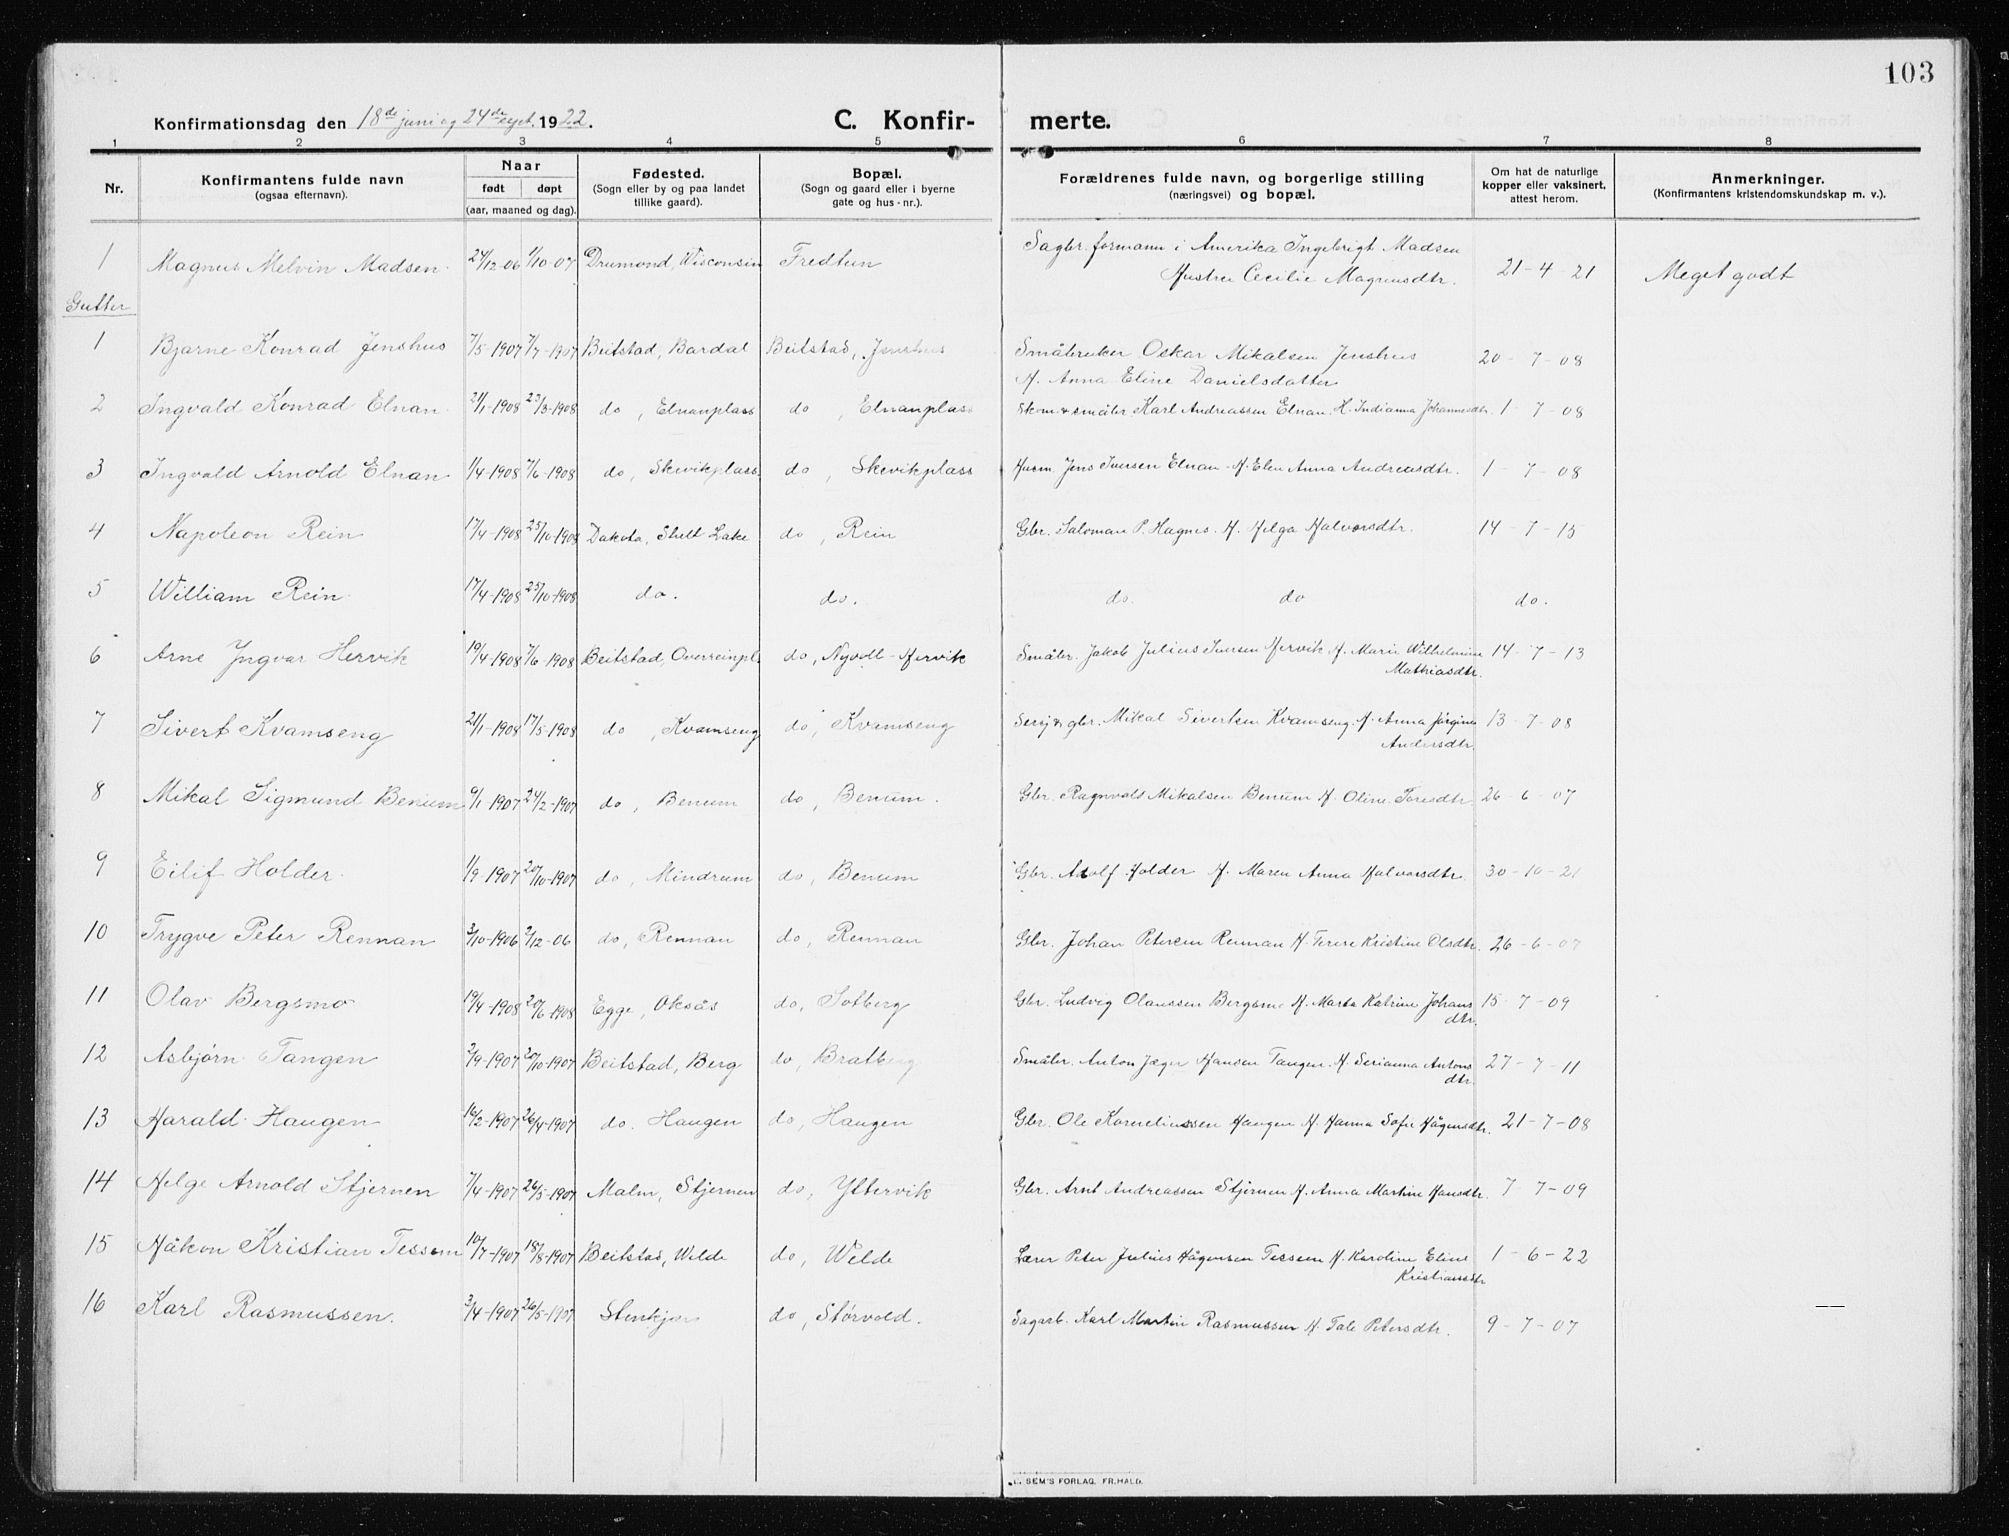 SAT, Ministerialprotokoller, klokkerbøker og fødselsregistre - Nord-Trøndelag, 741/L0402: Klokkerbok nr. 741C03, 1911-1926, s. 103